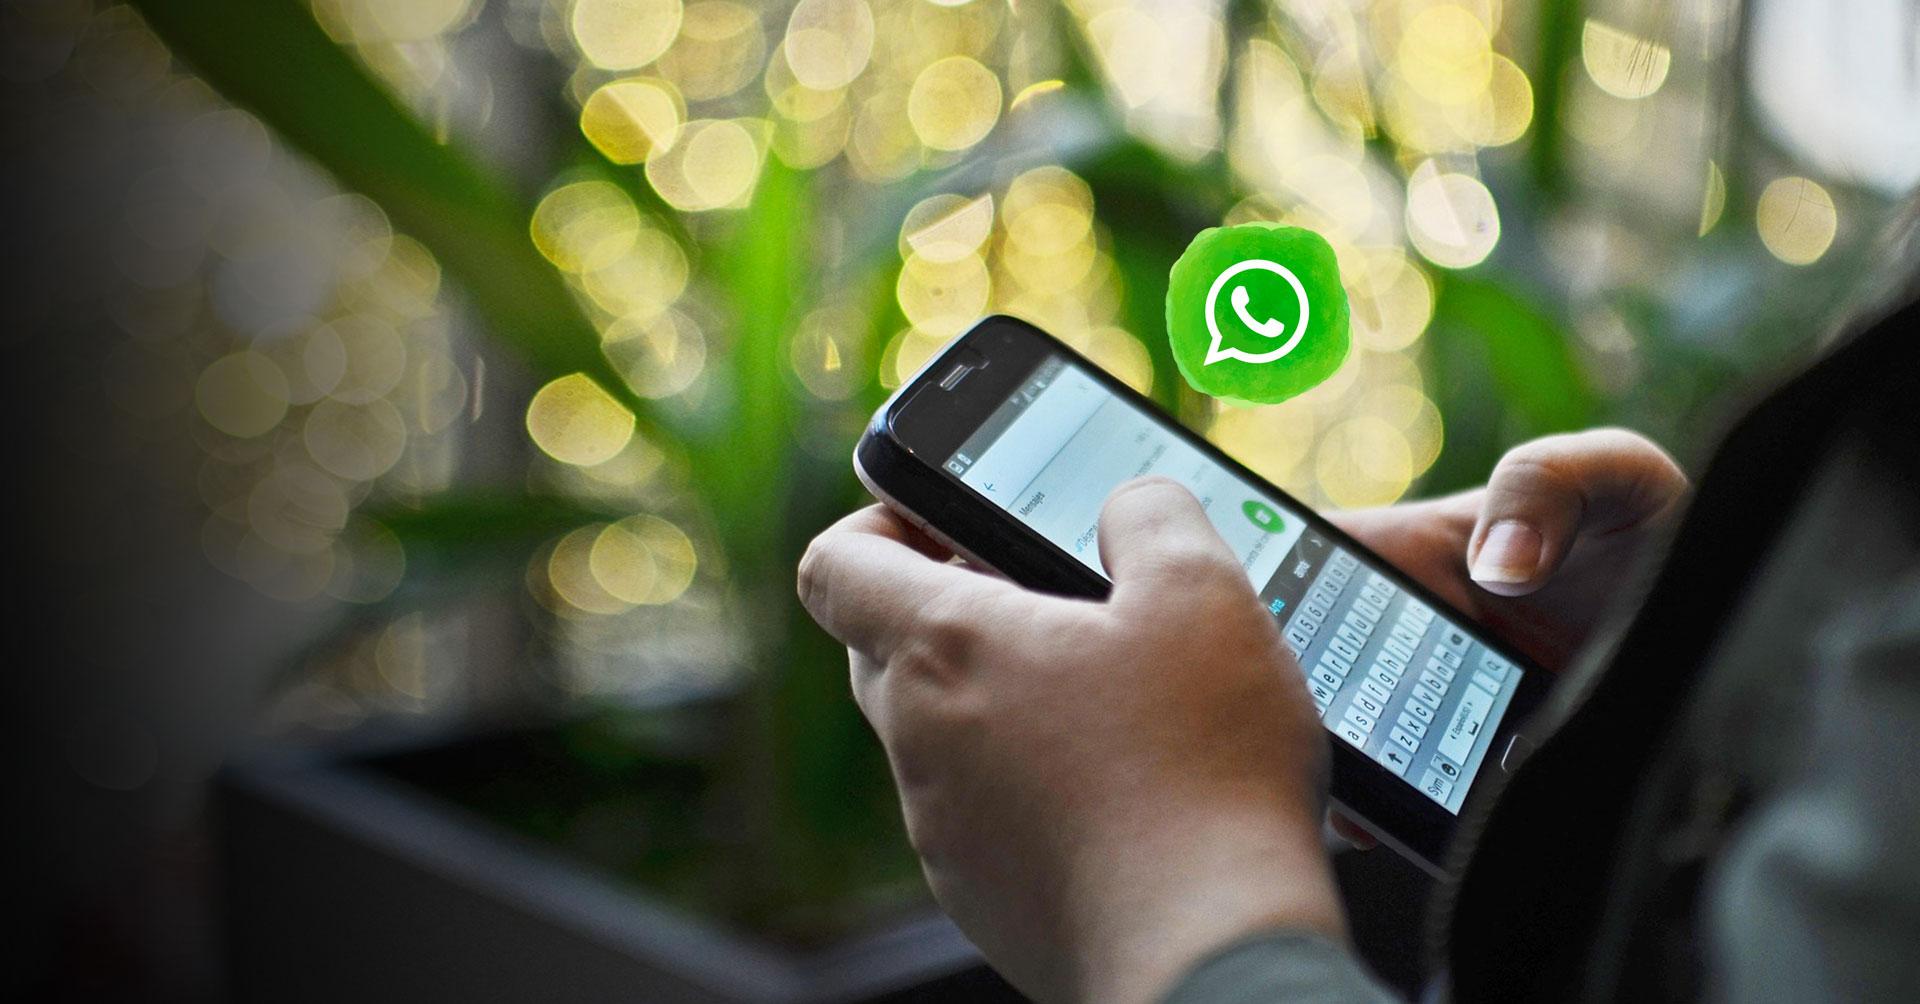 servizio-assistenzaclienti-whatsapp